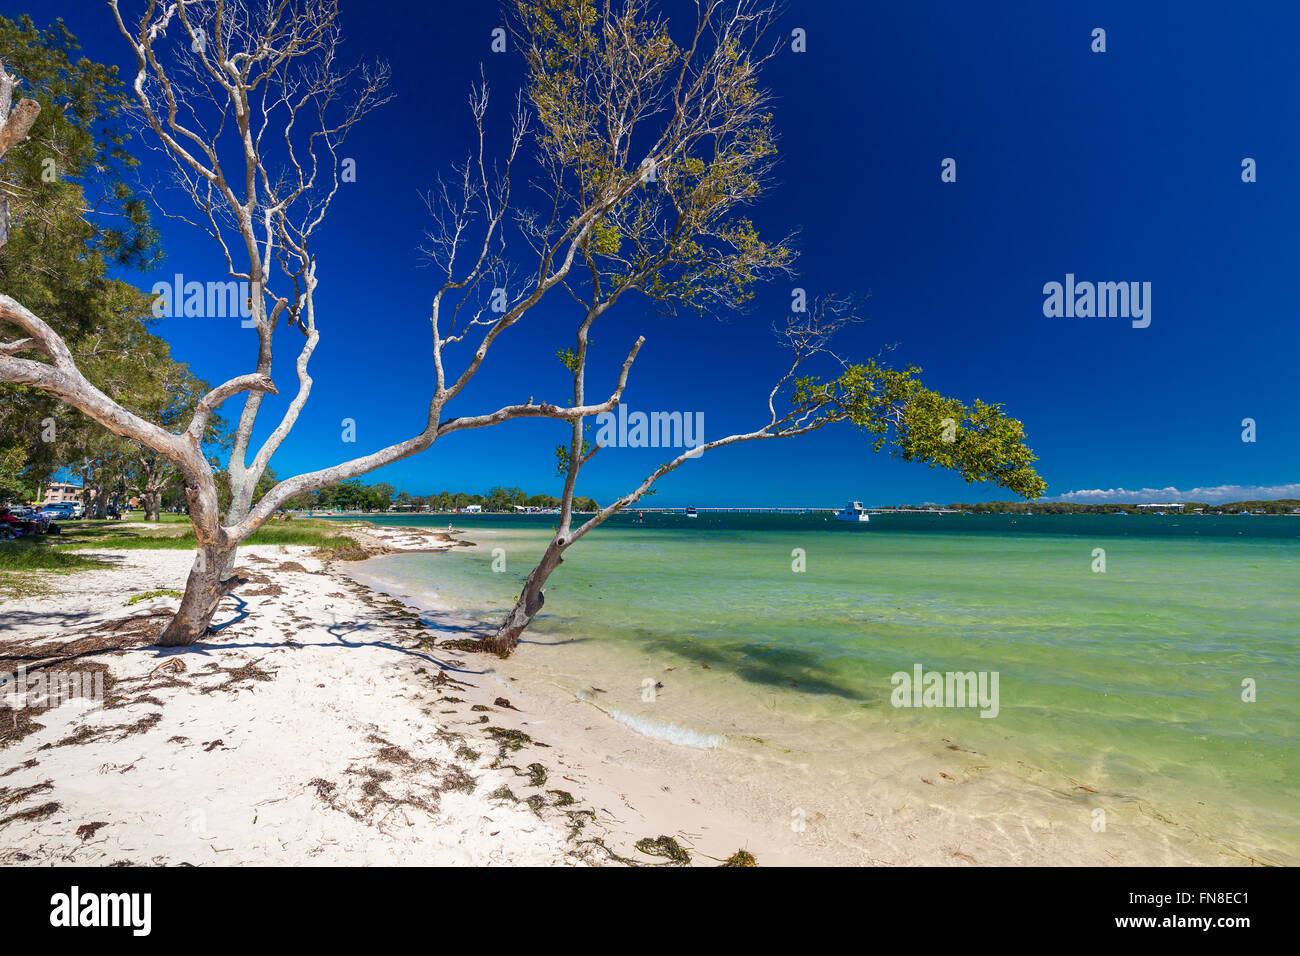 BRIBIE ISLAND, AUS - 14. Februar 2016: Strand mit Bäumen auf der Westseite von Bribie Island, Queensland, Australien Stockbild